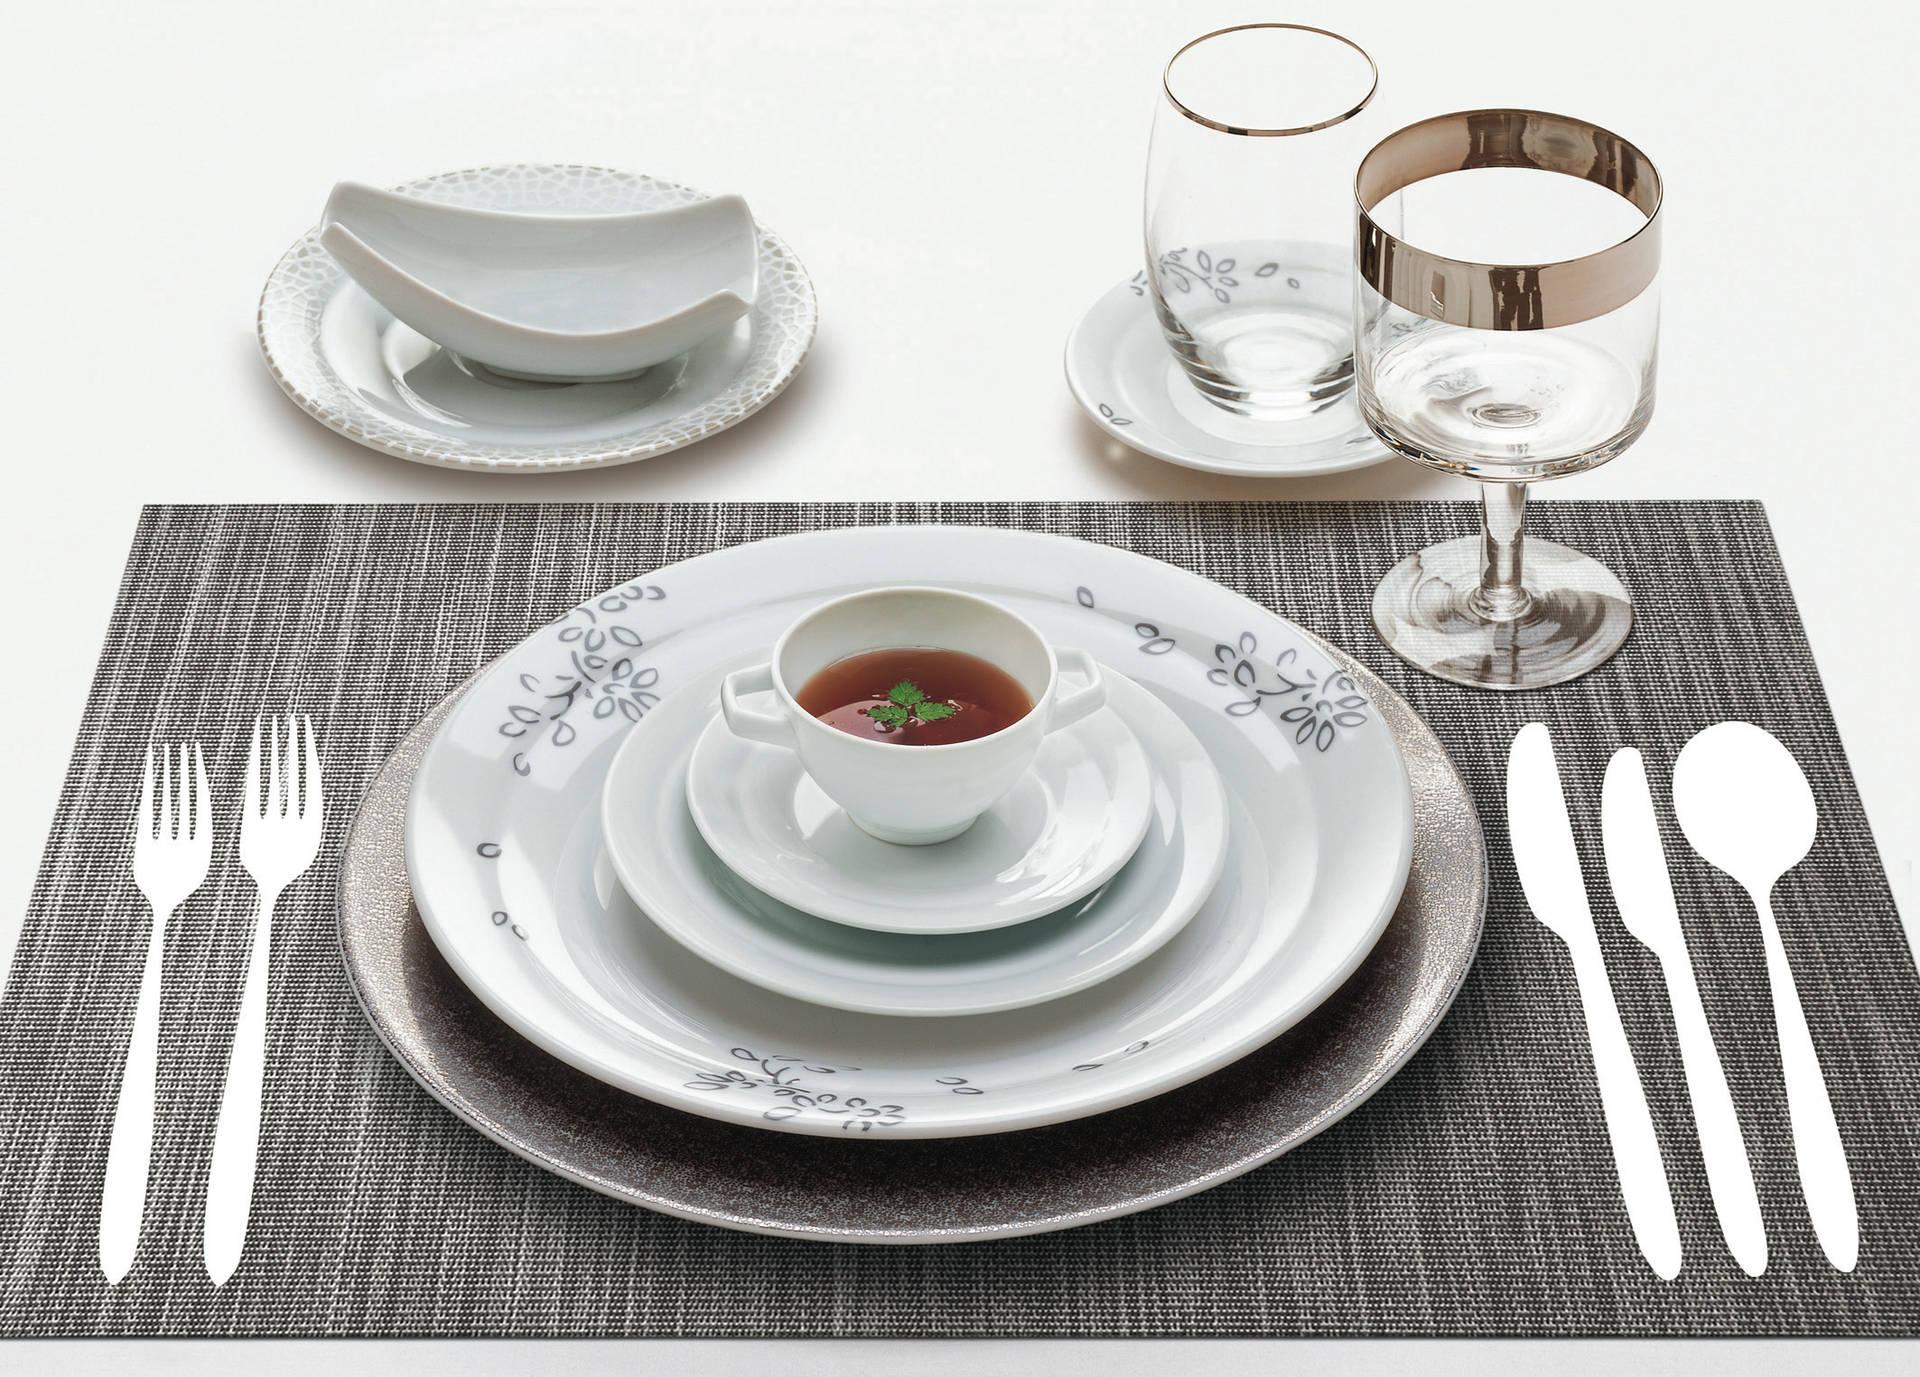 # The Contour porcelain collection